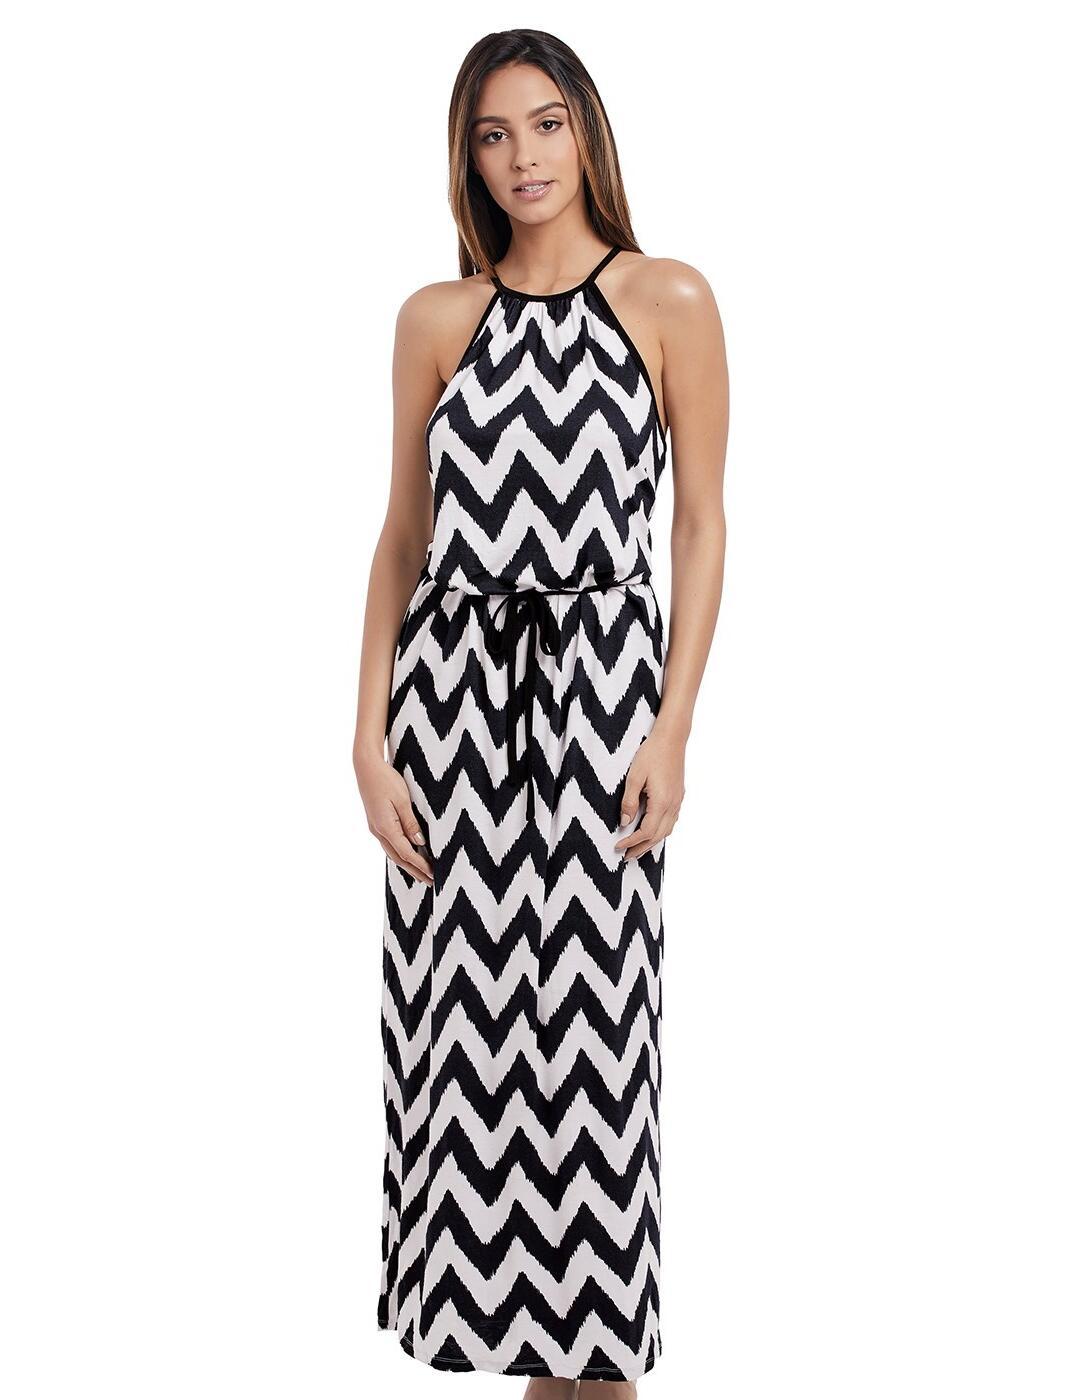 2946 Freya Making Waves Maxi Dress  - 2946 Black